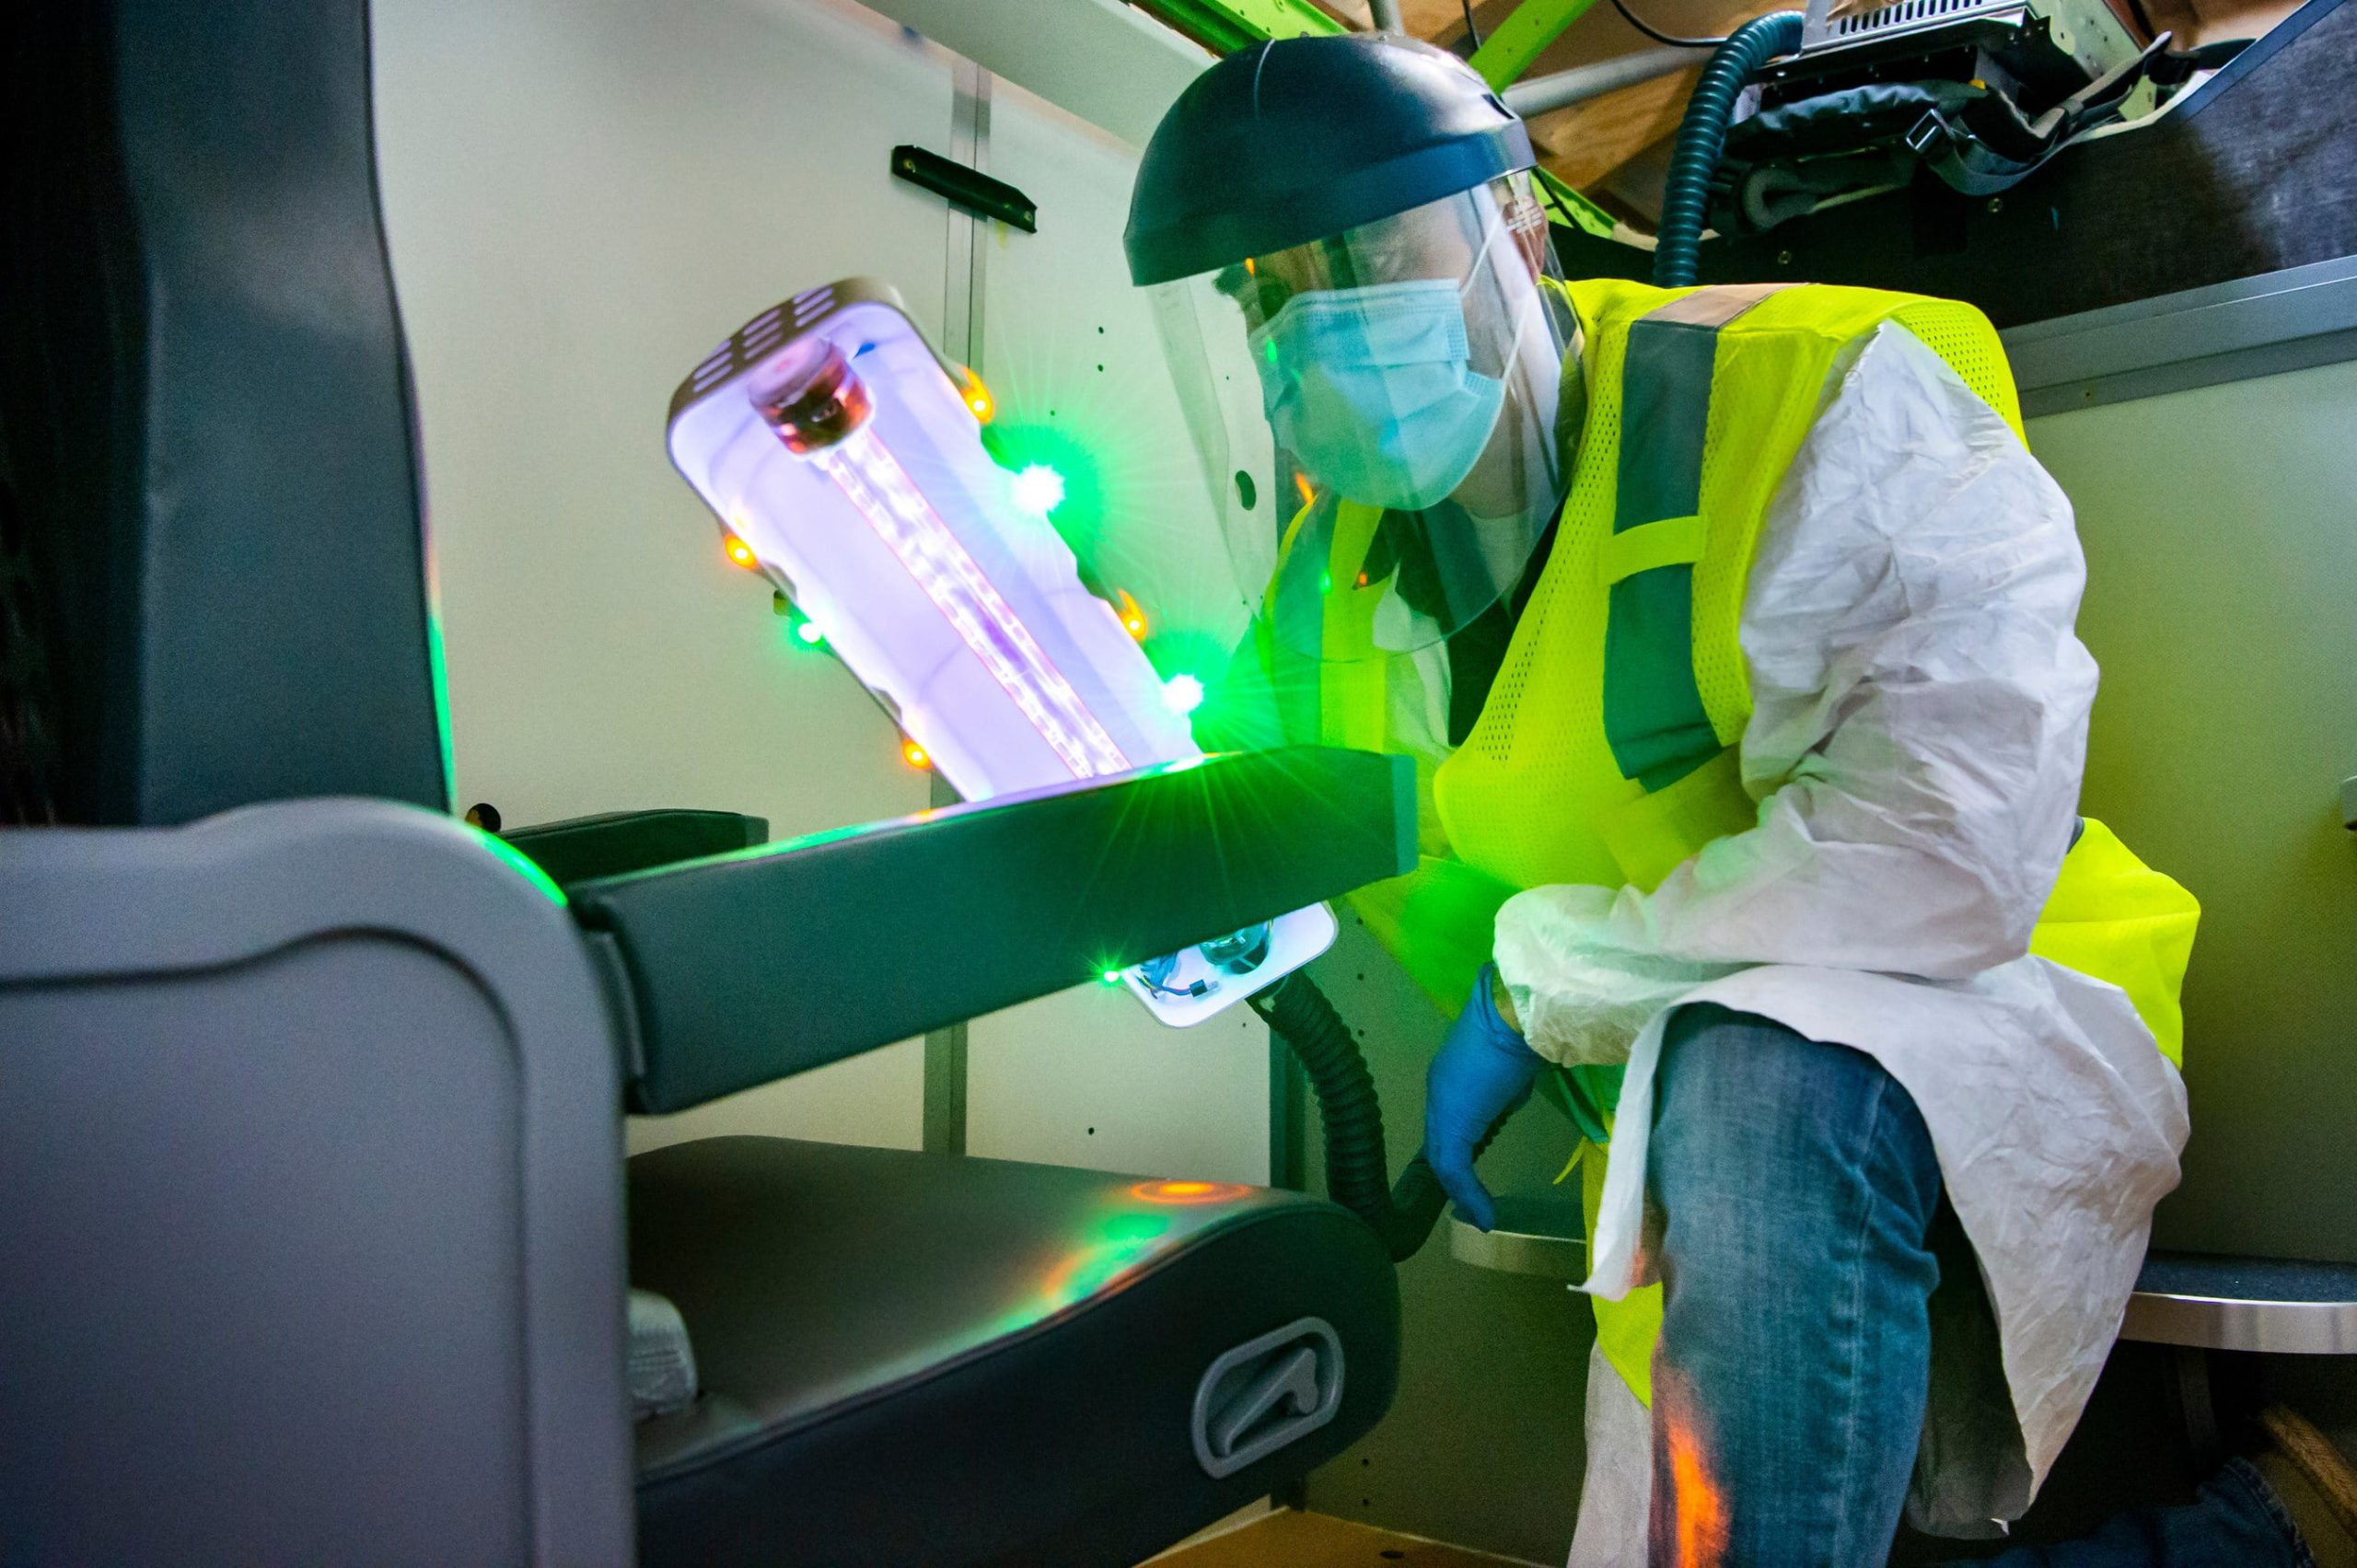 La lumière UV de Boeing pour désinfecter les sièges des avions de tous les virus